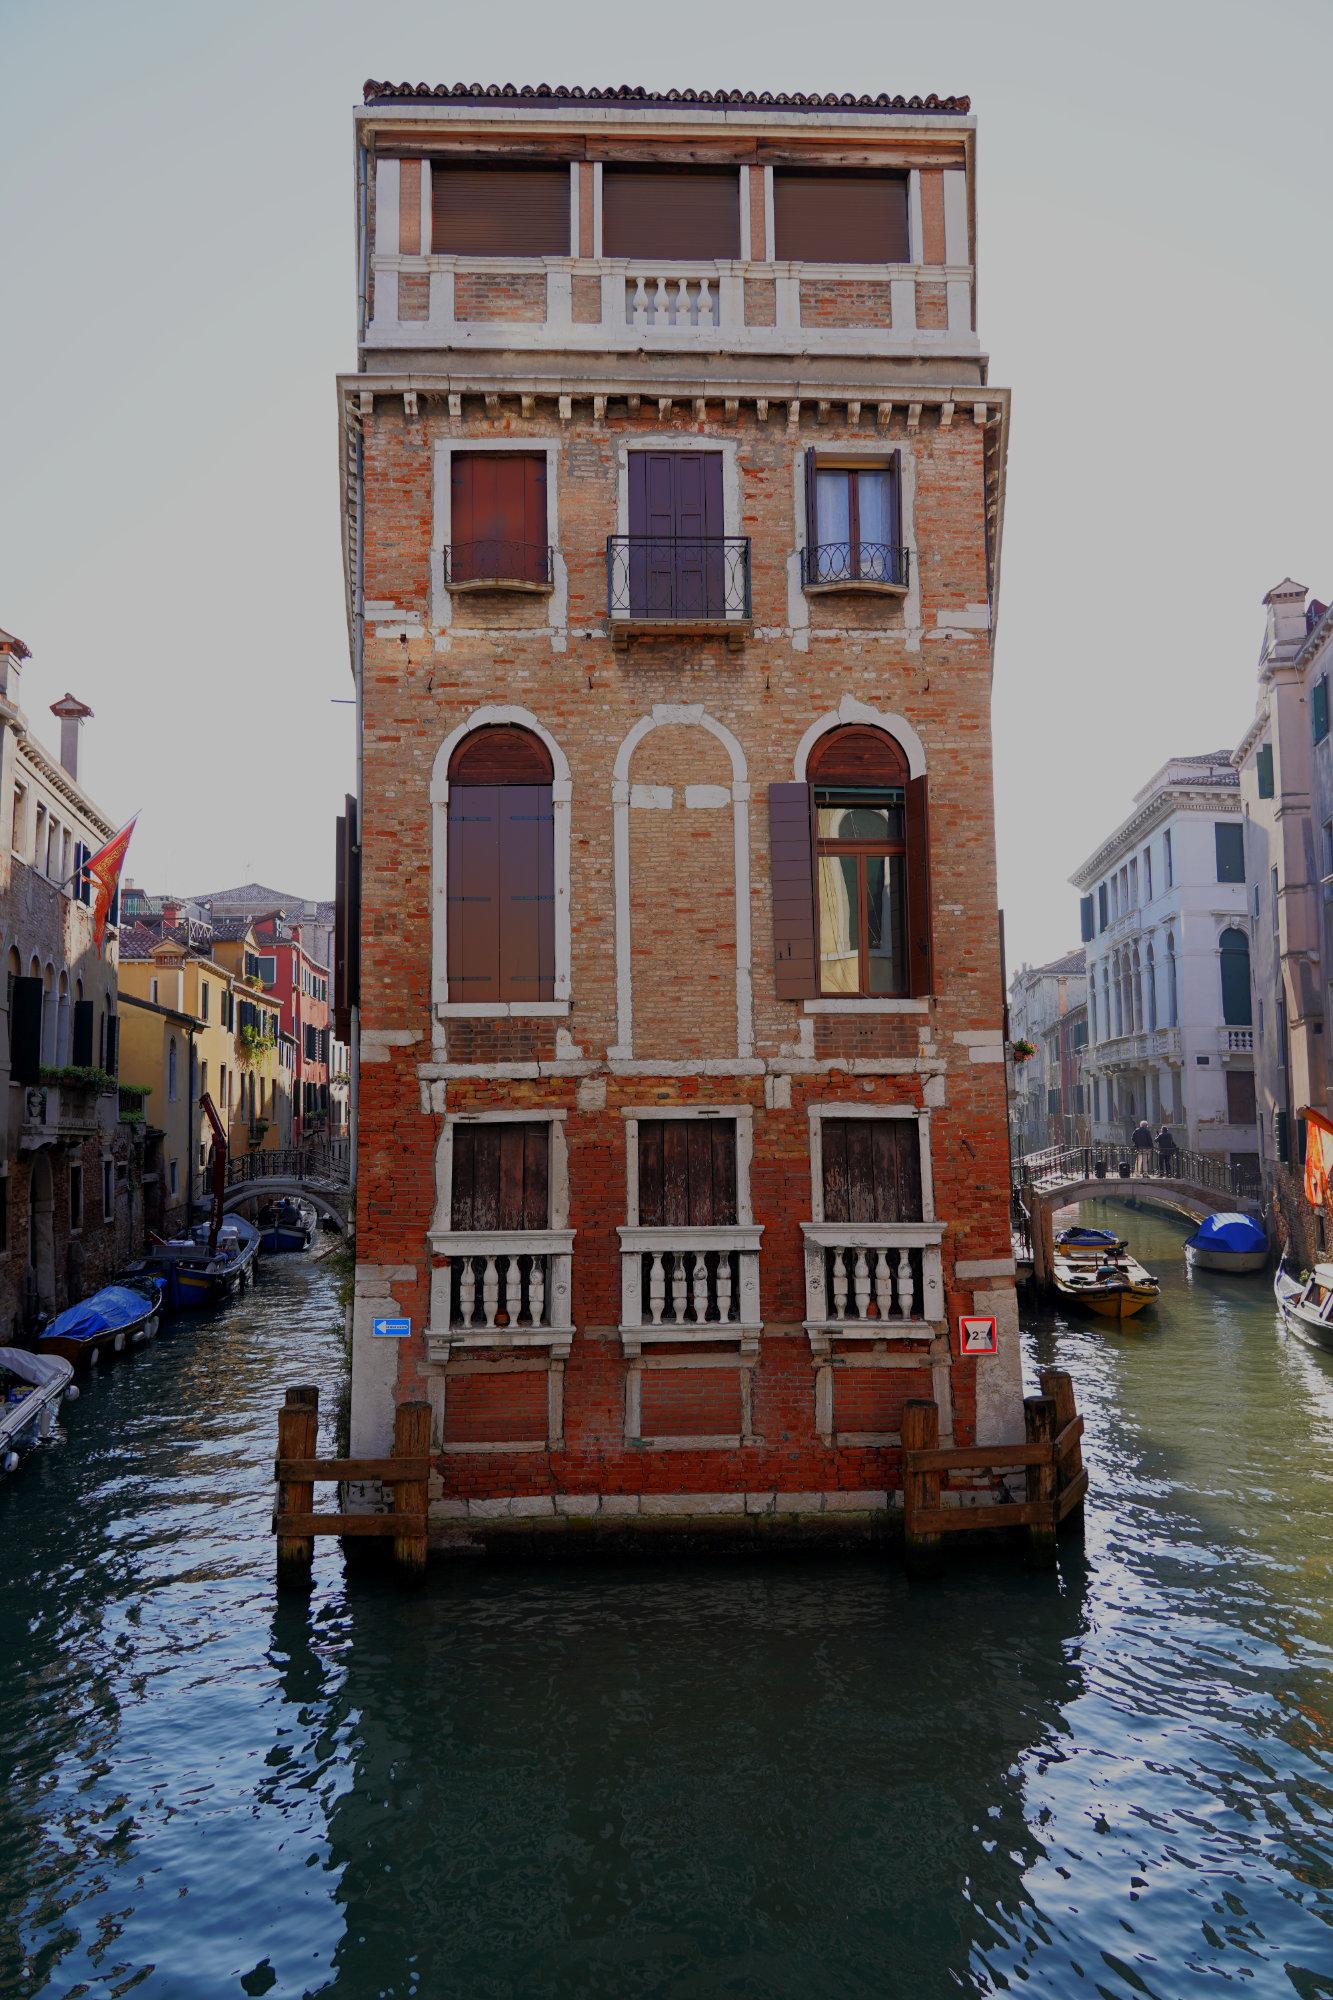 Venedig Haus zwischen Kanälen